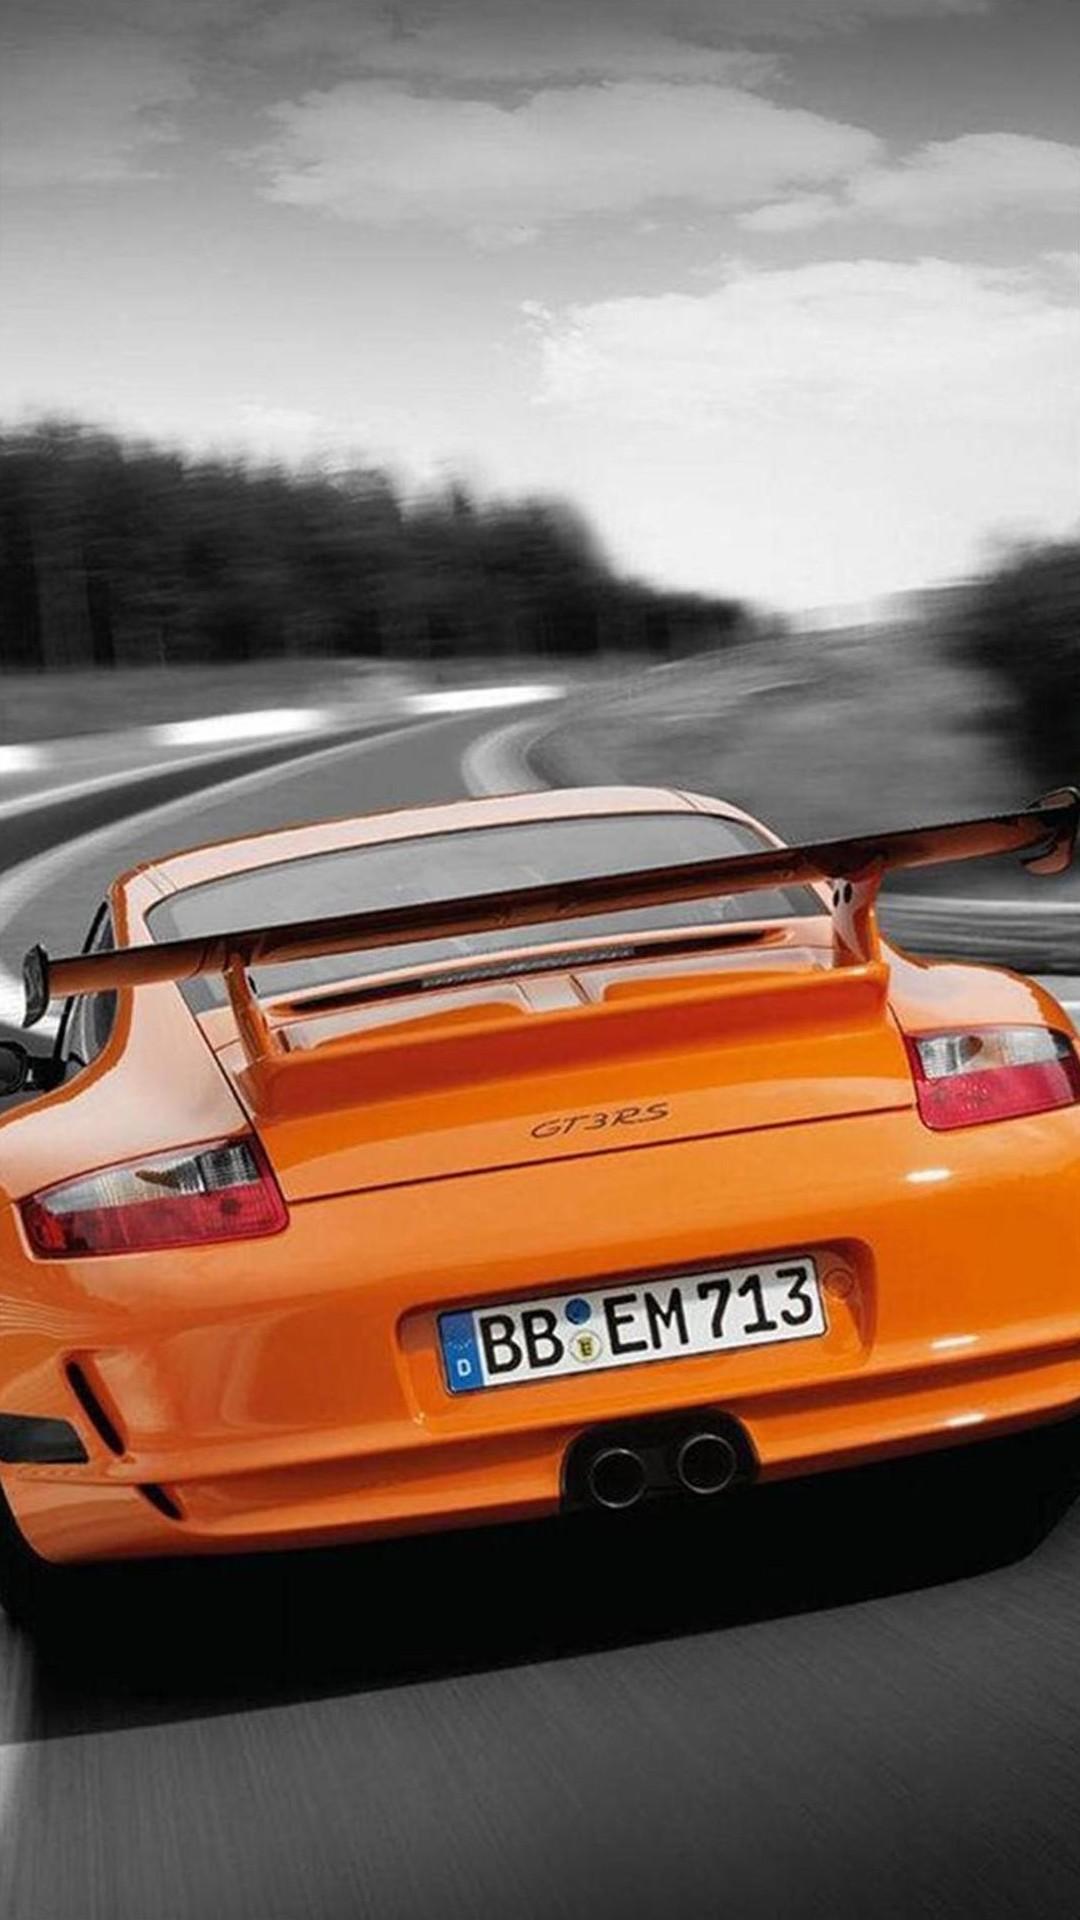 Orange Porsche 911 GT3